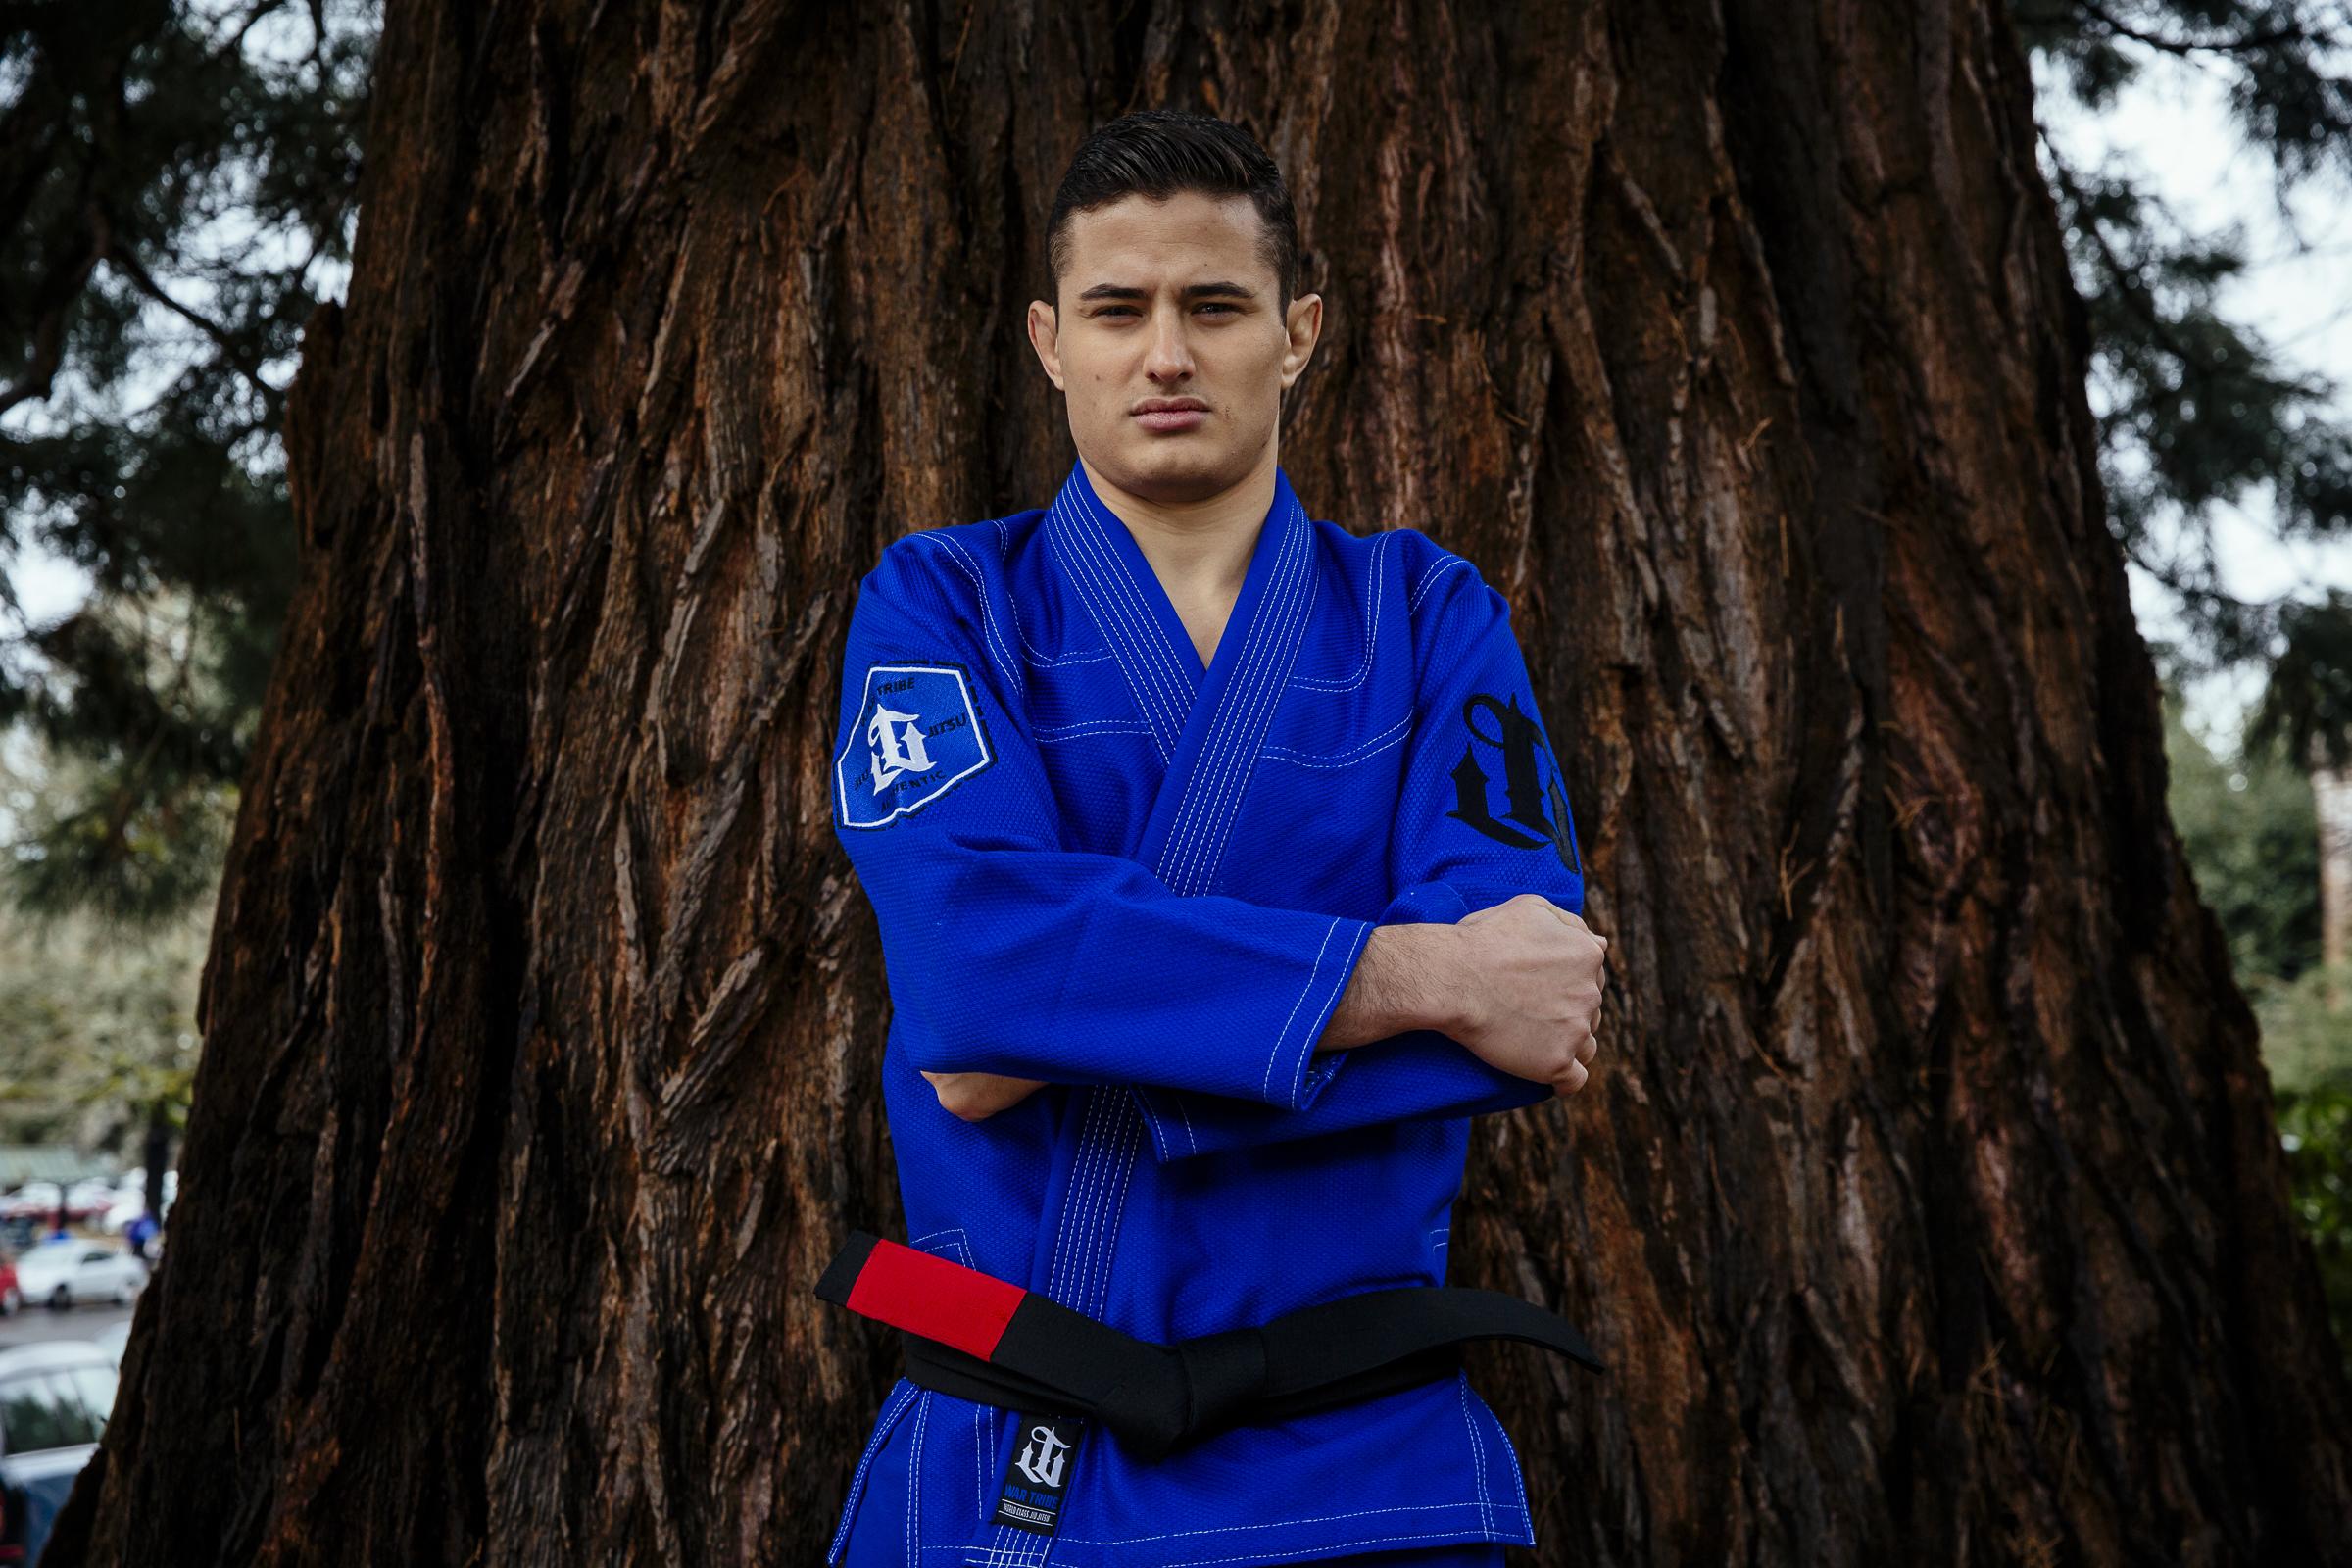 WAR TRIBE GEAR LEGACY 柔術衣 ブルー|ブラジリアン柔術衣(柔術着)